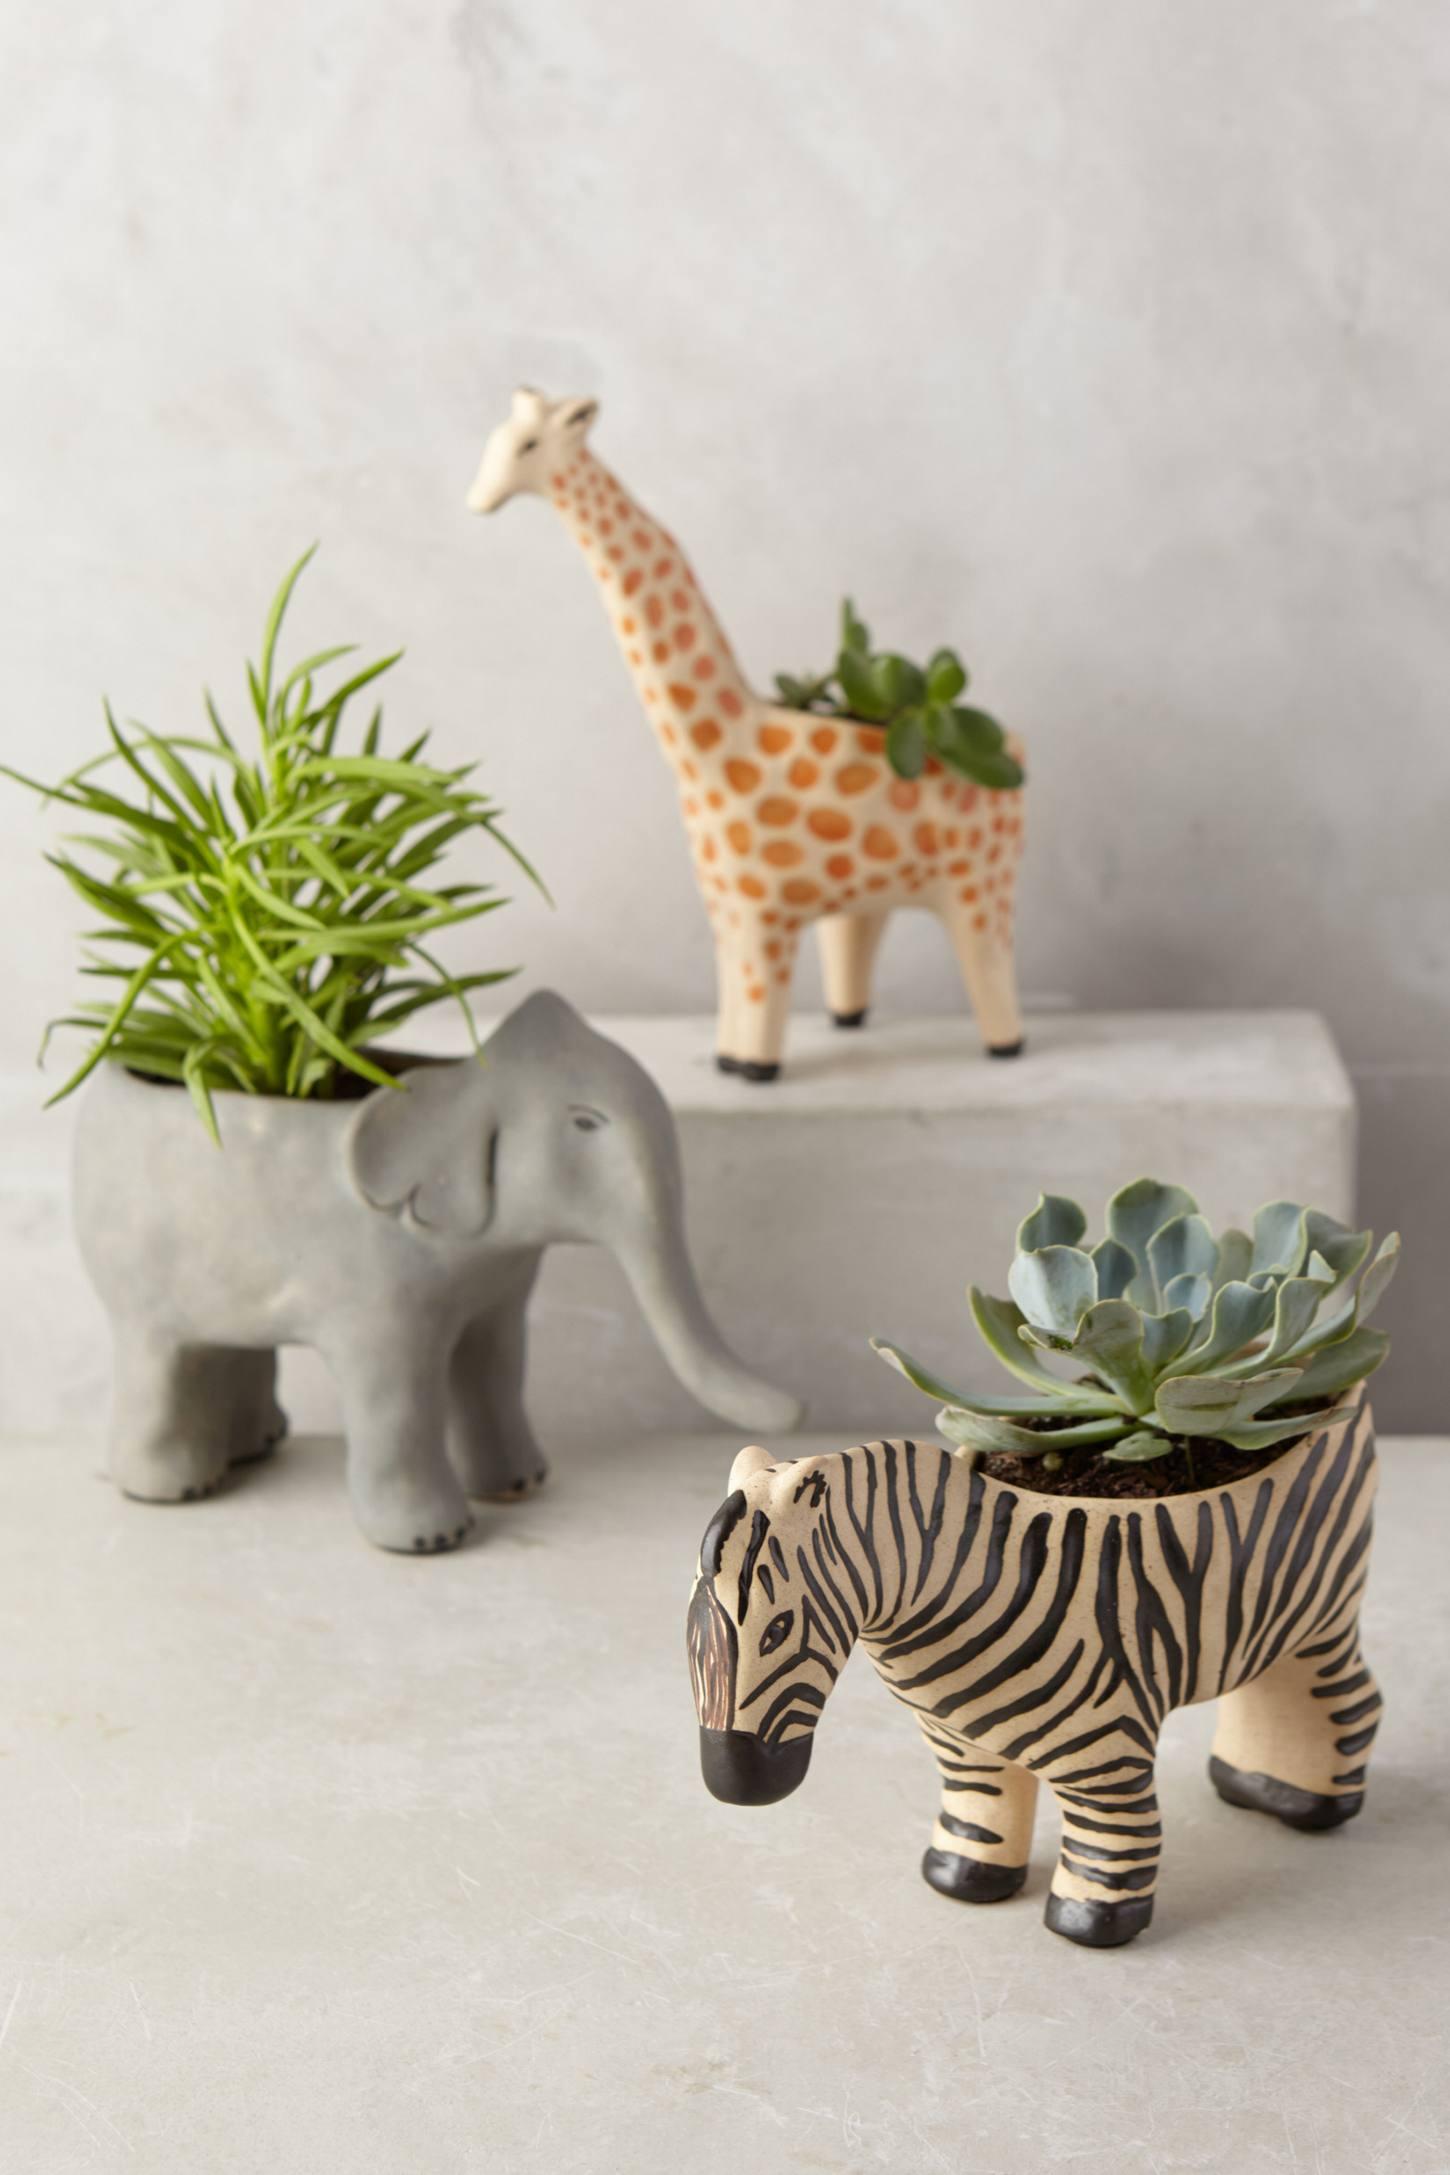 Animal succulent planter